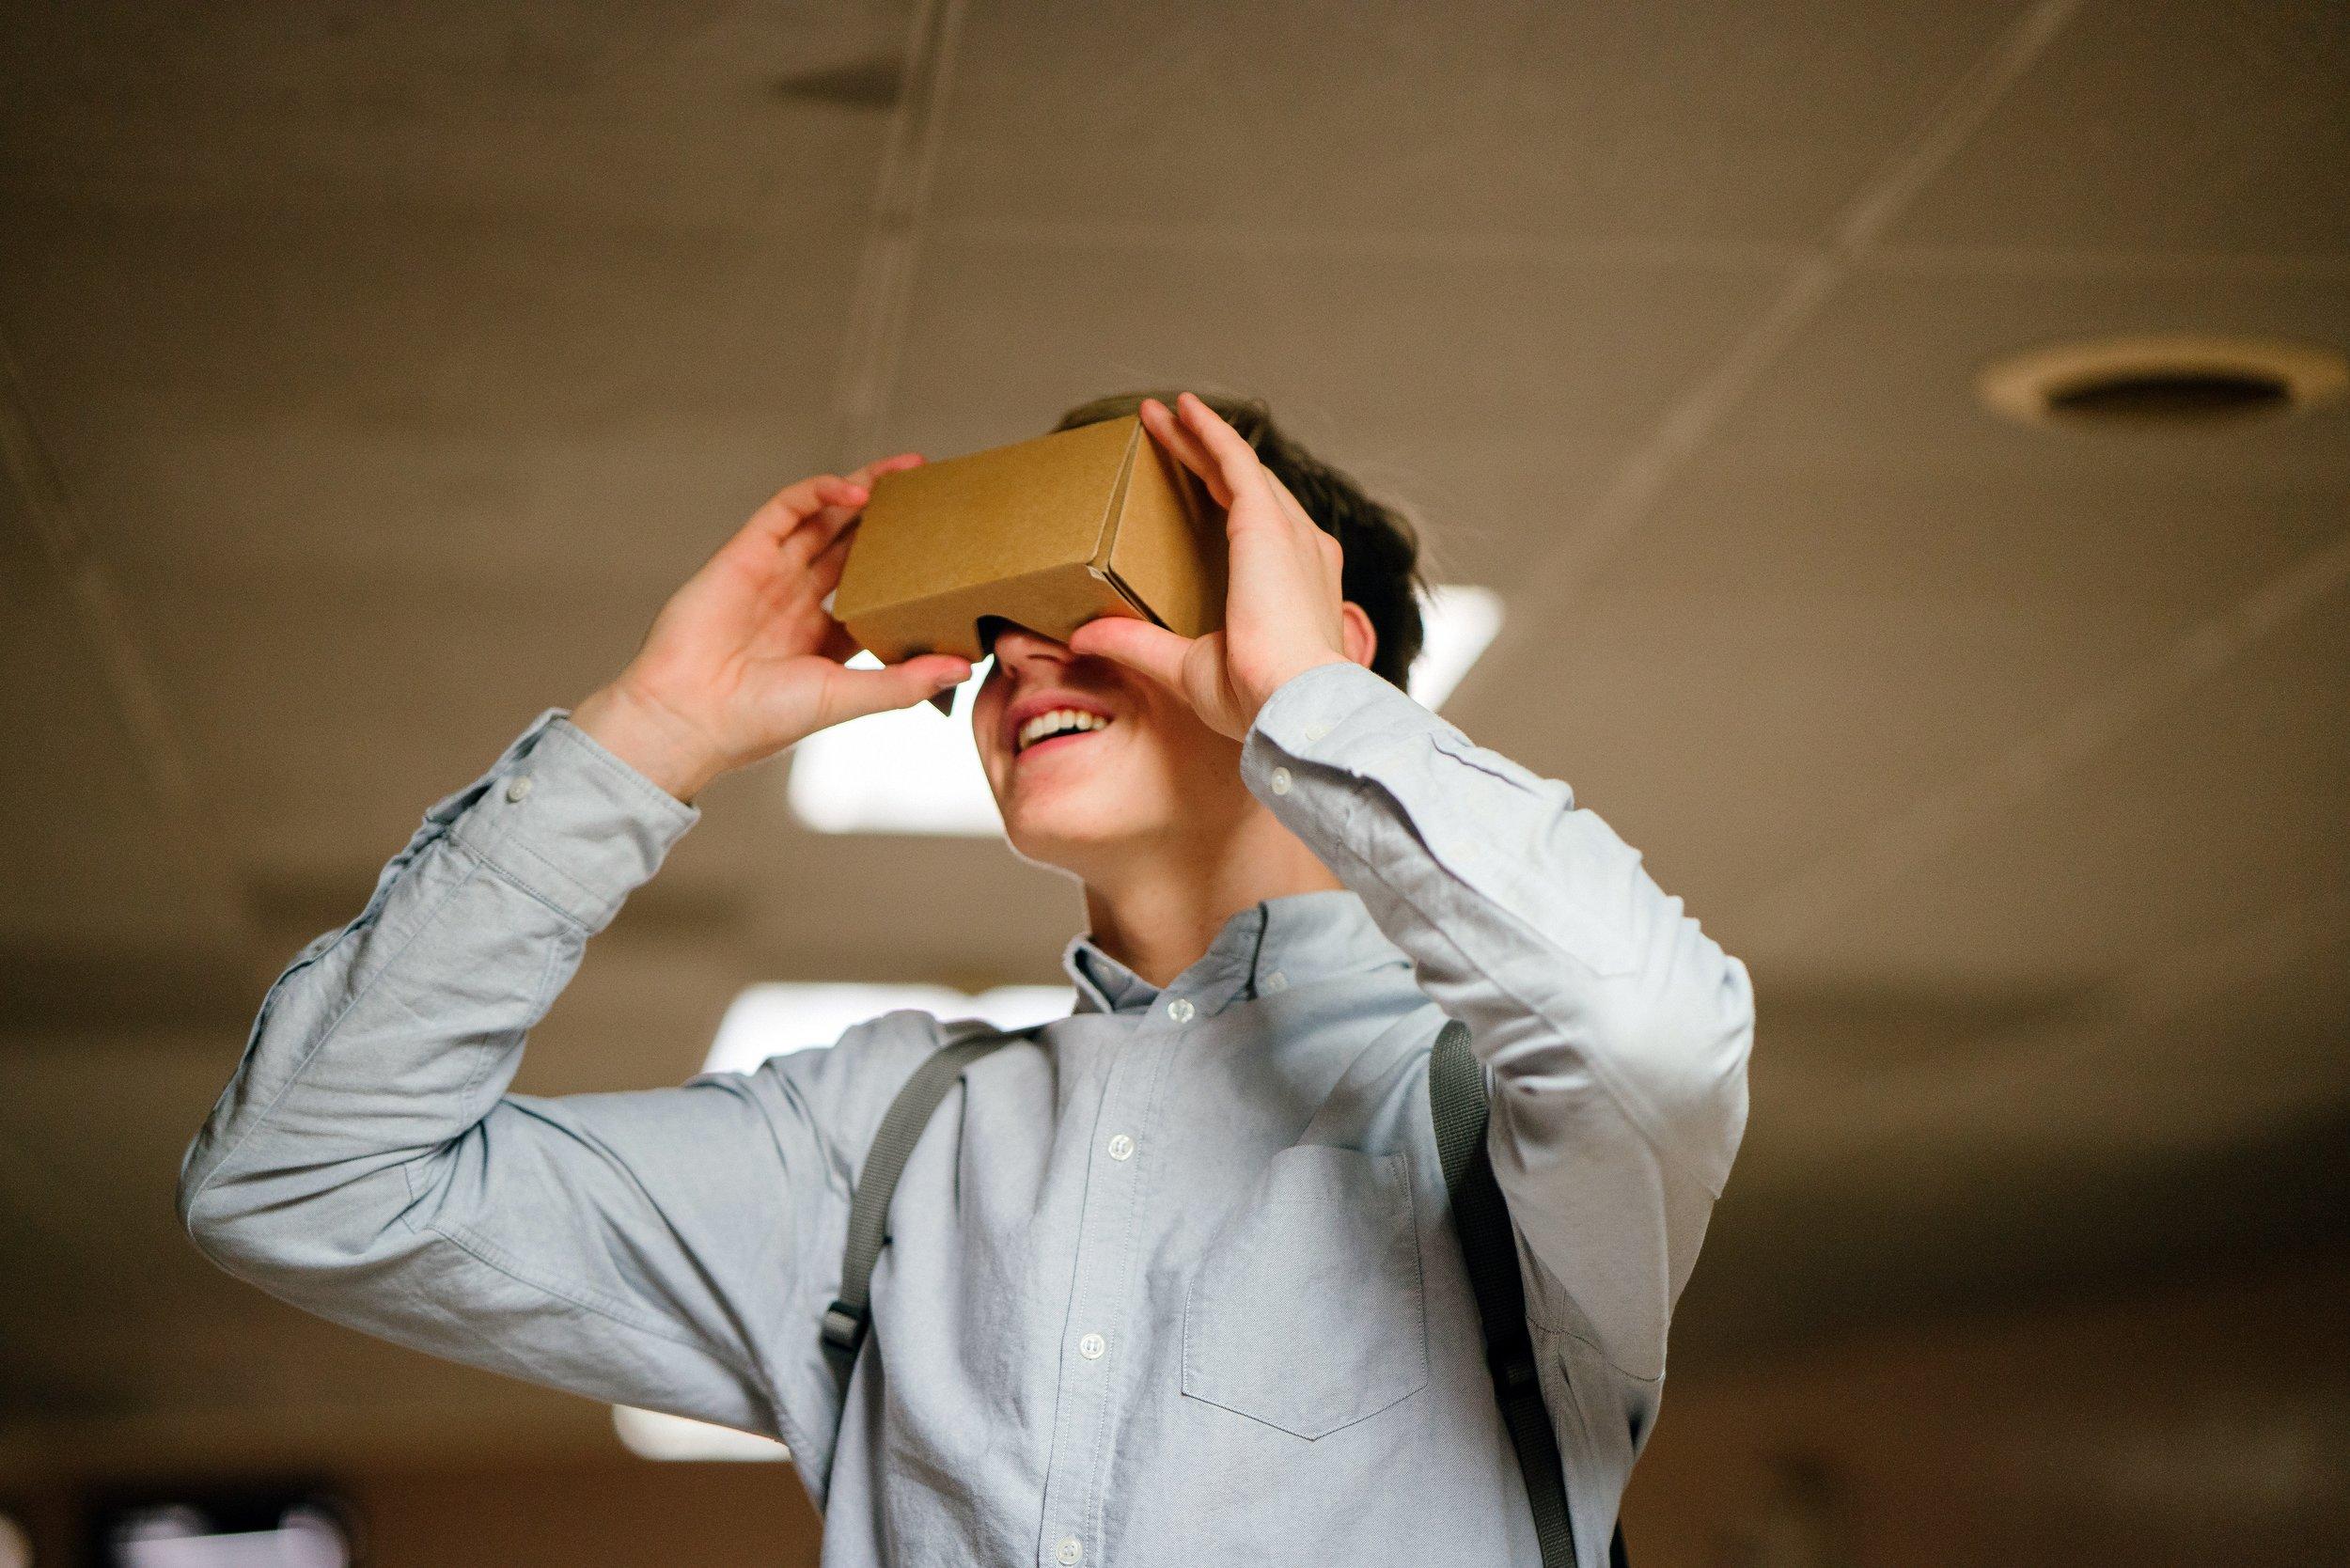 accomplishment-ar-augmented-reality-936575.jpg